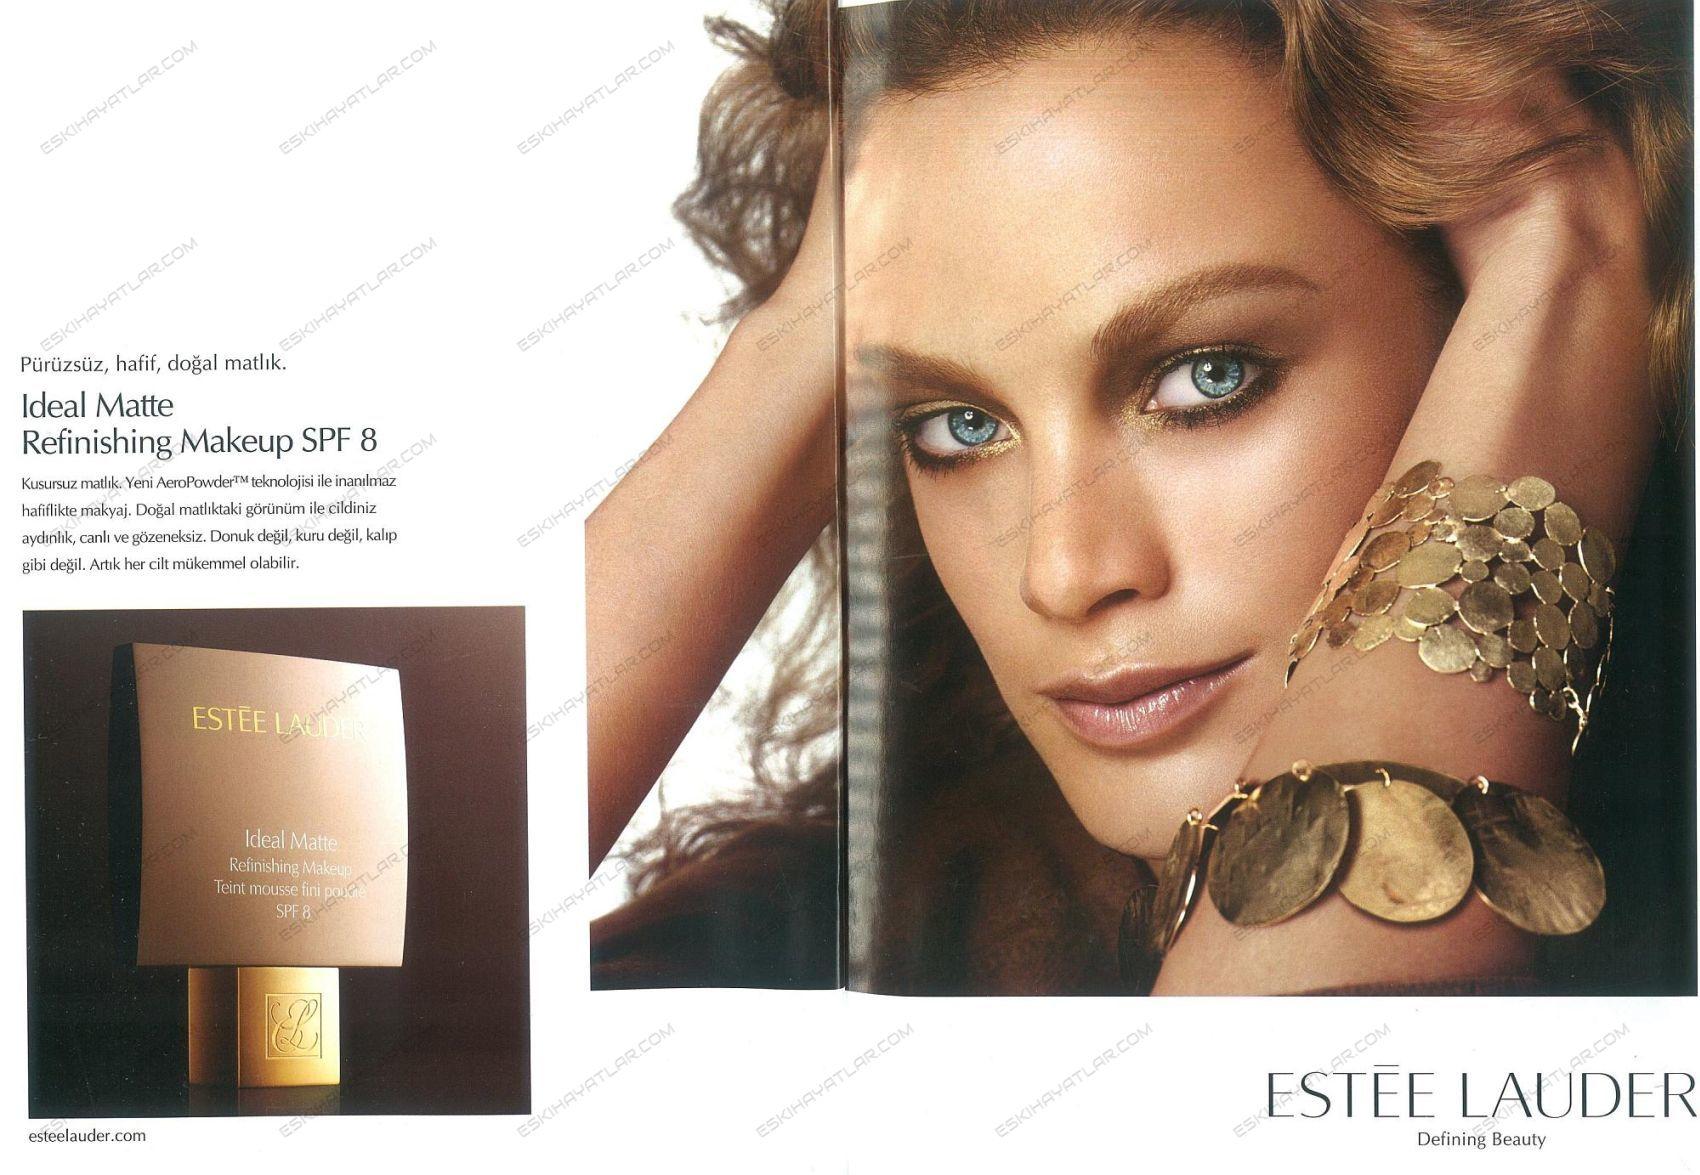 0244-estee-lauder-2004-ideal-matte-refinishing-makeup-spf8-reklami-artik-her-cilt-mukemmel-olabilir